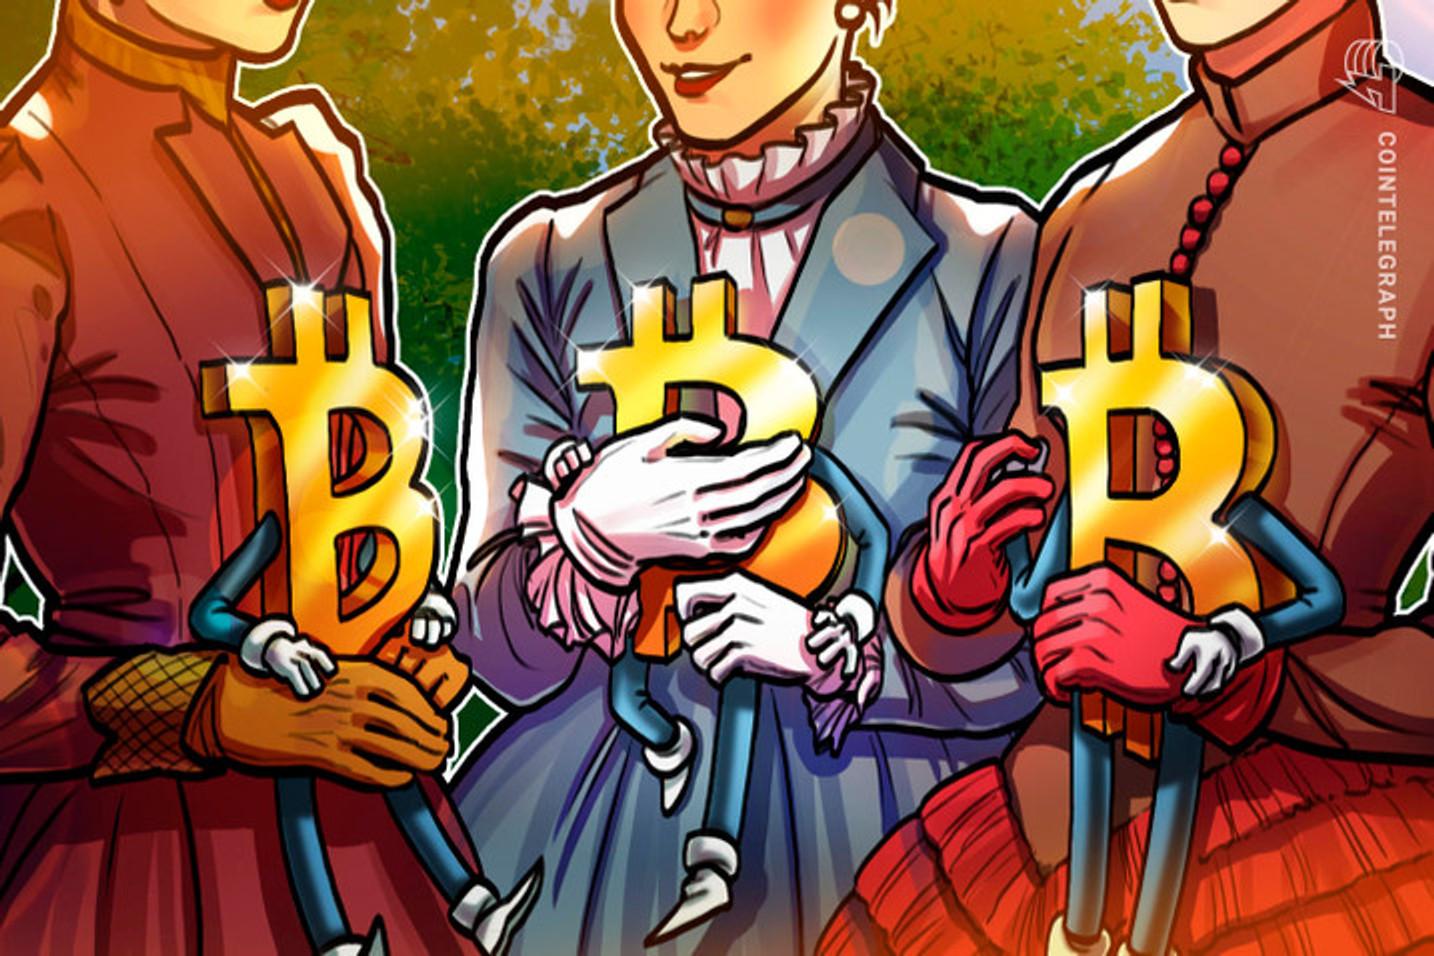 バイナンス報道でアルトコイン市場に不吉な予感?仮想通貨ビットコインに売り圧力の気配